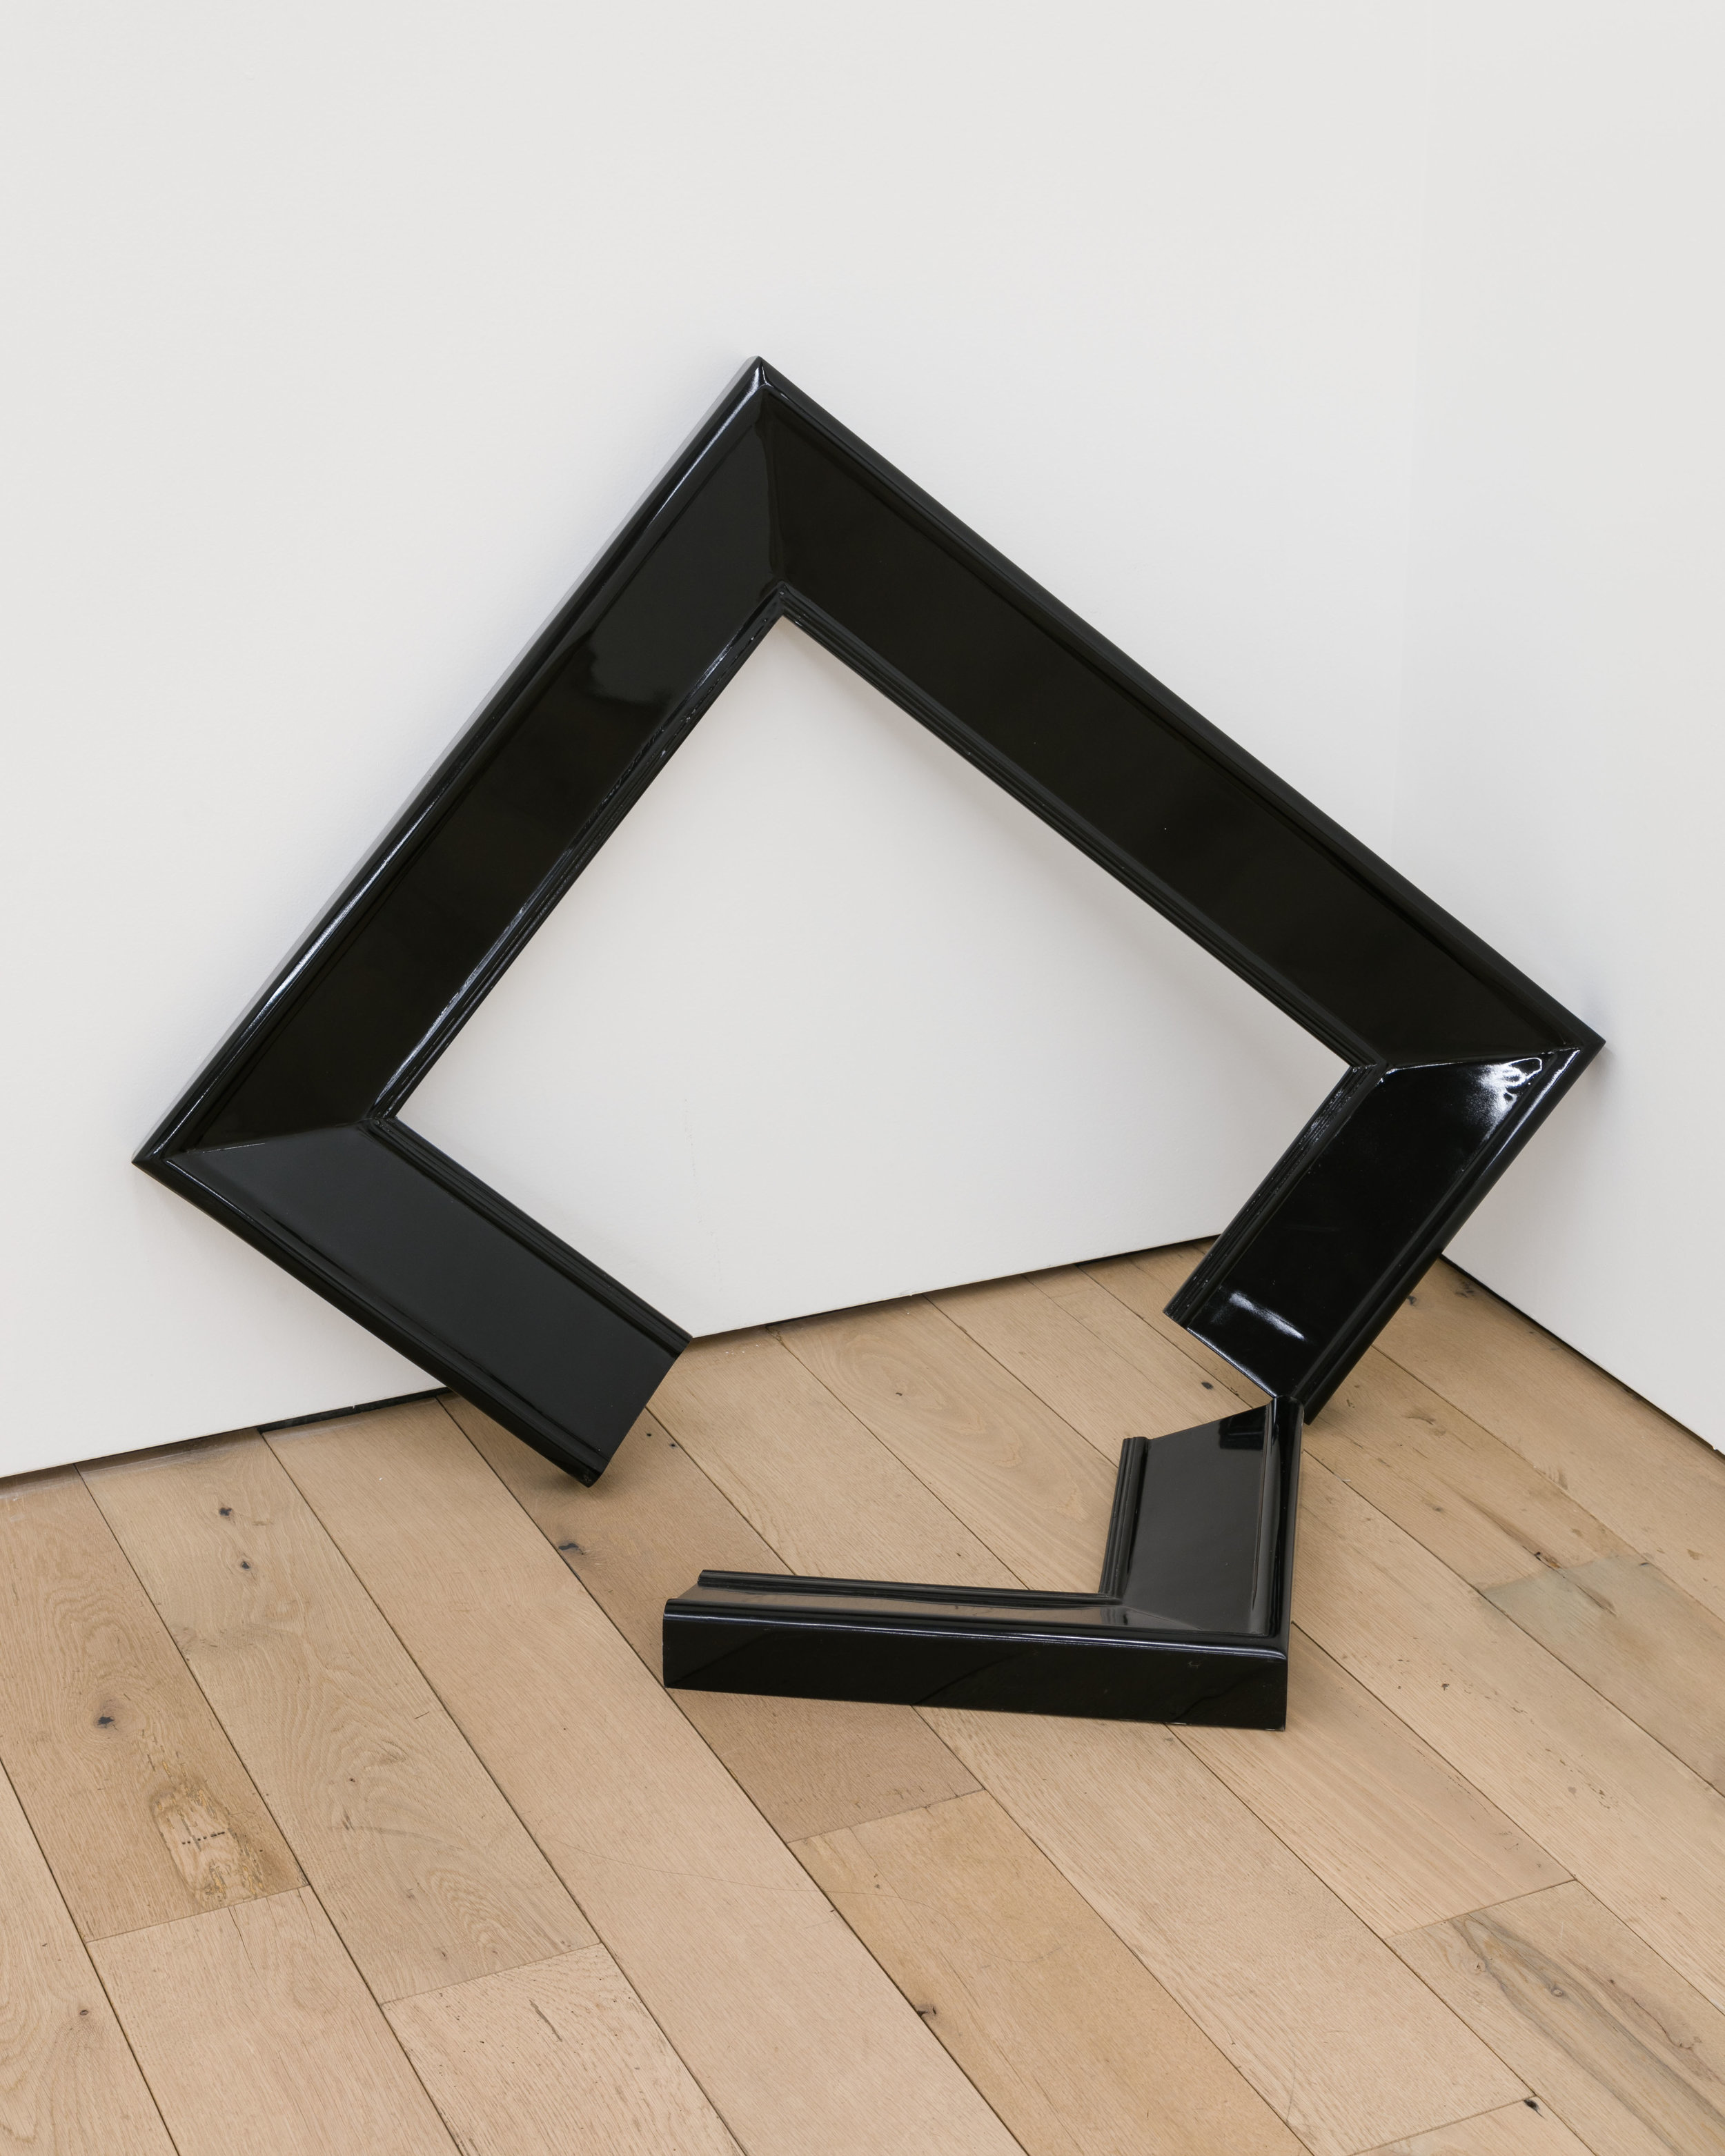 Pat O'Neill,  Broken Frame , 2009, fiberglass, wood, lacquer surface, 26 x 26 x 8 in.